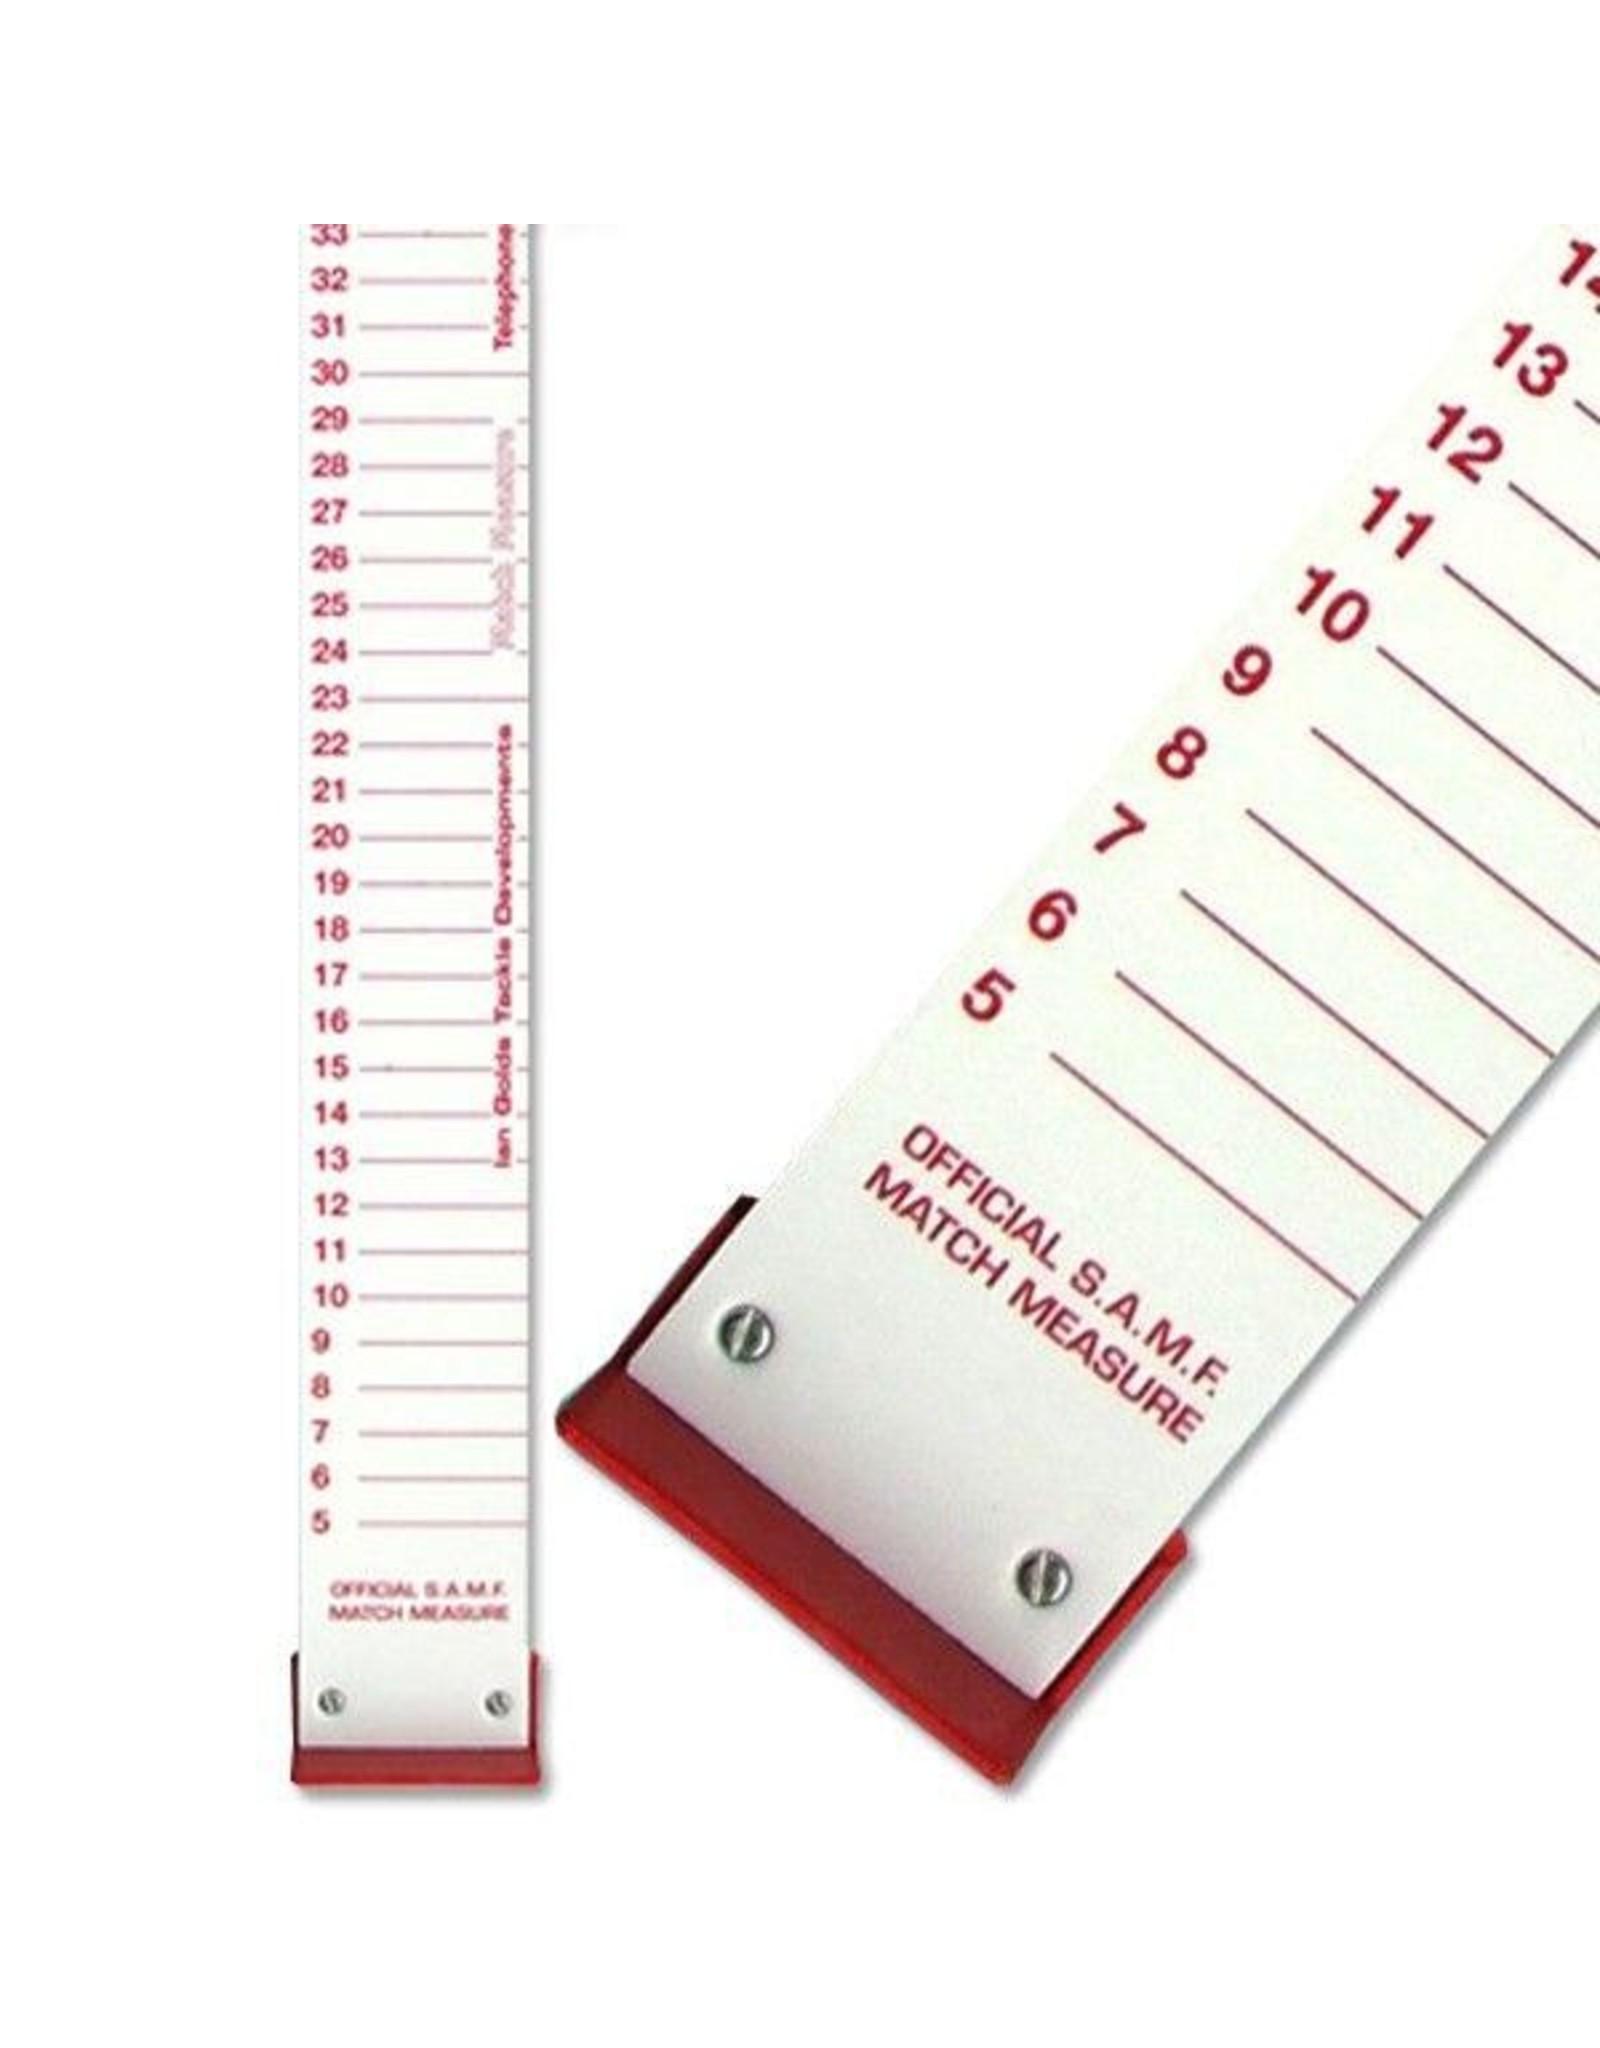 Daiwa Ian Golds Match Measure